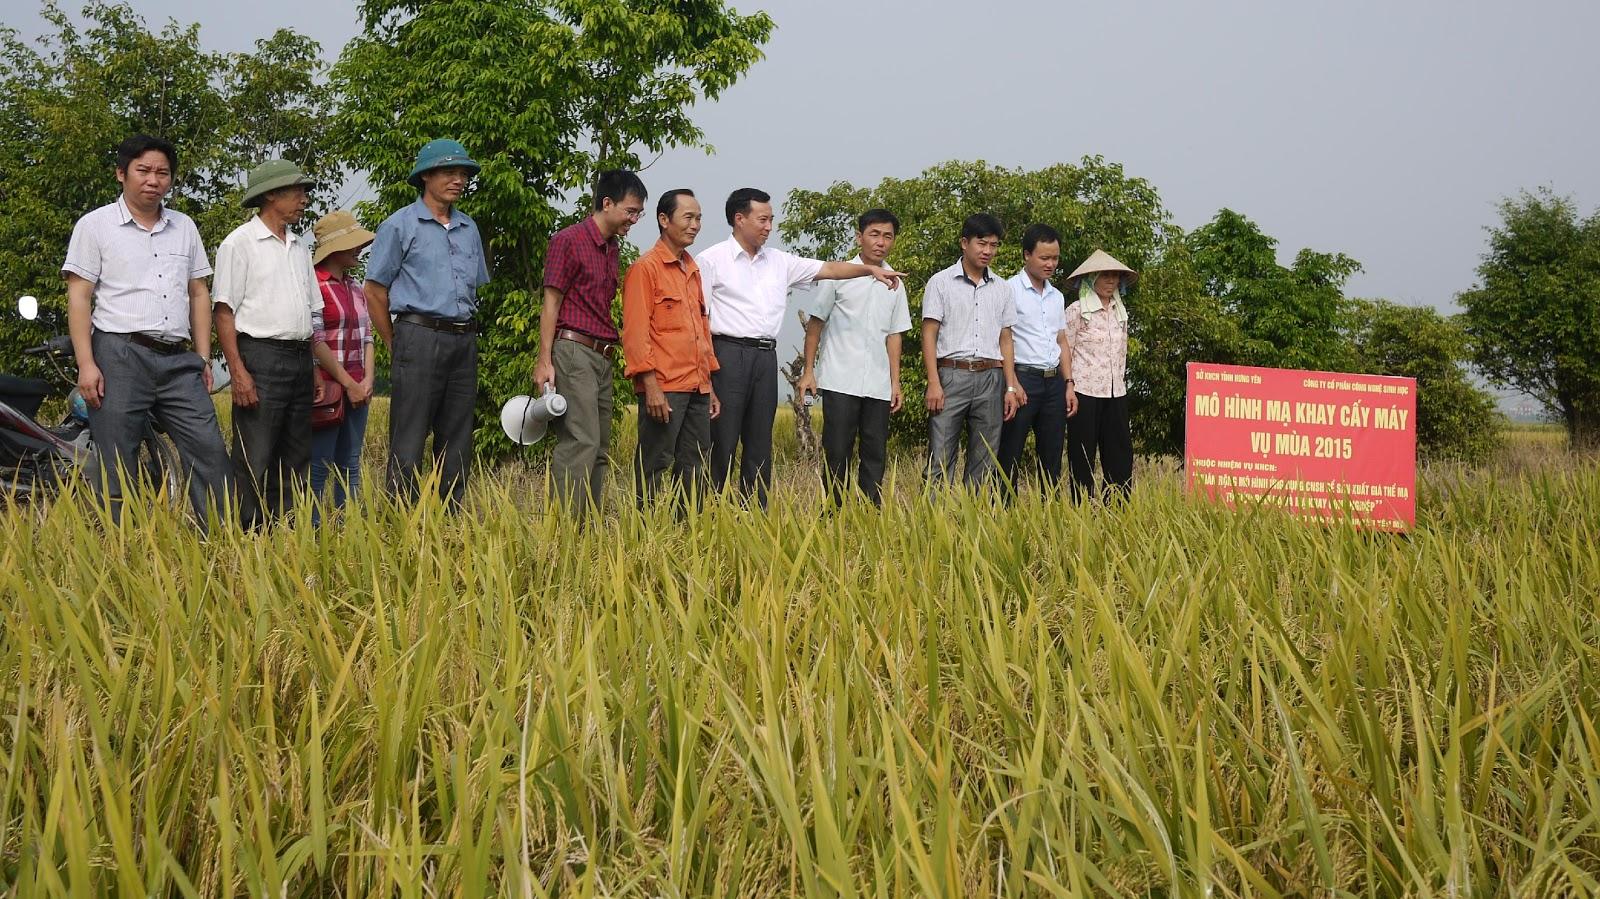 Hội nghị đầu bờ đánh giá kết quả thực hiện nhiệm vụ KHCN tại Hưng Yên